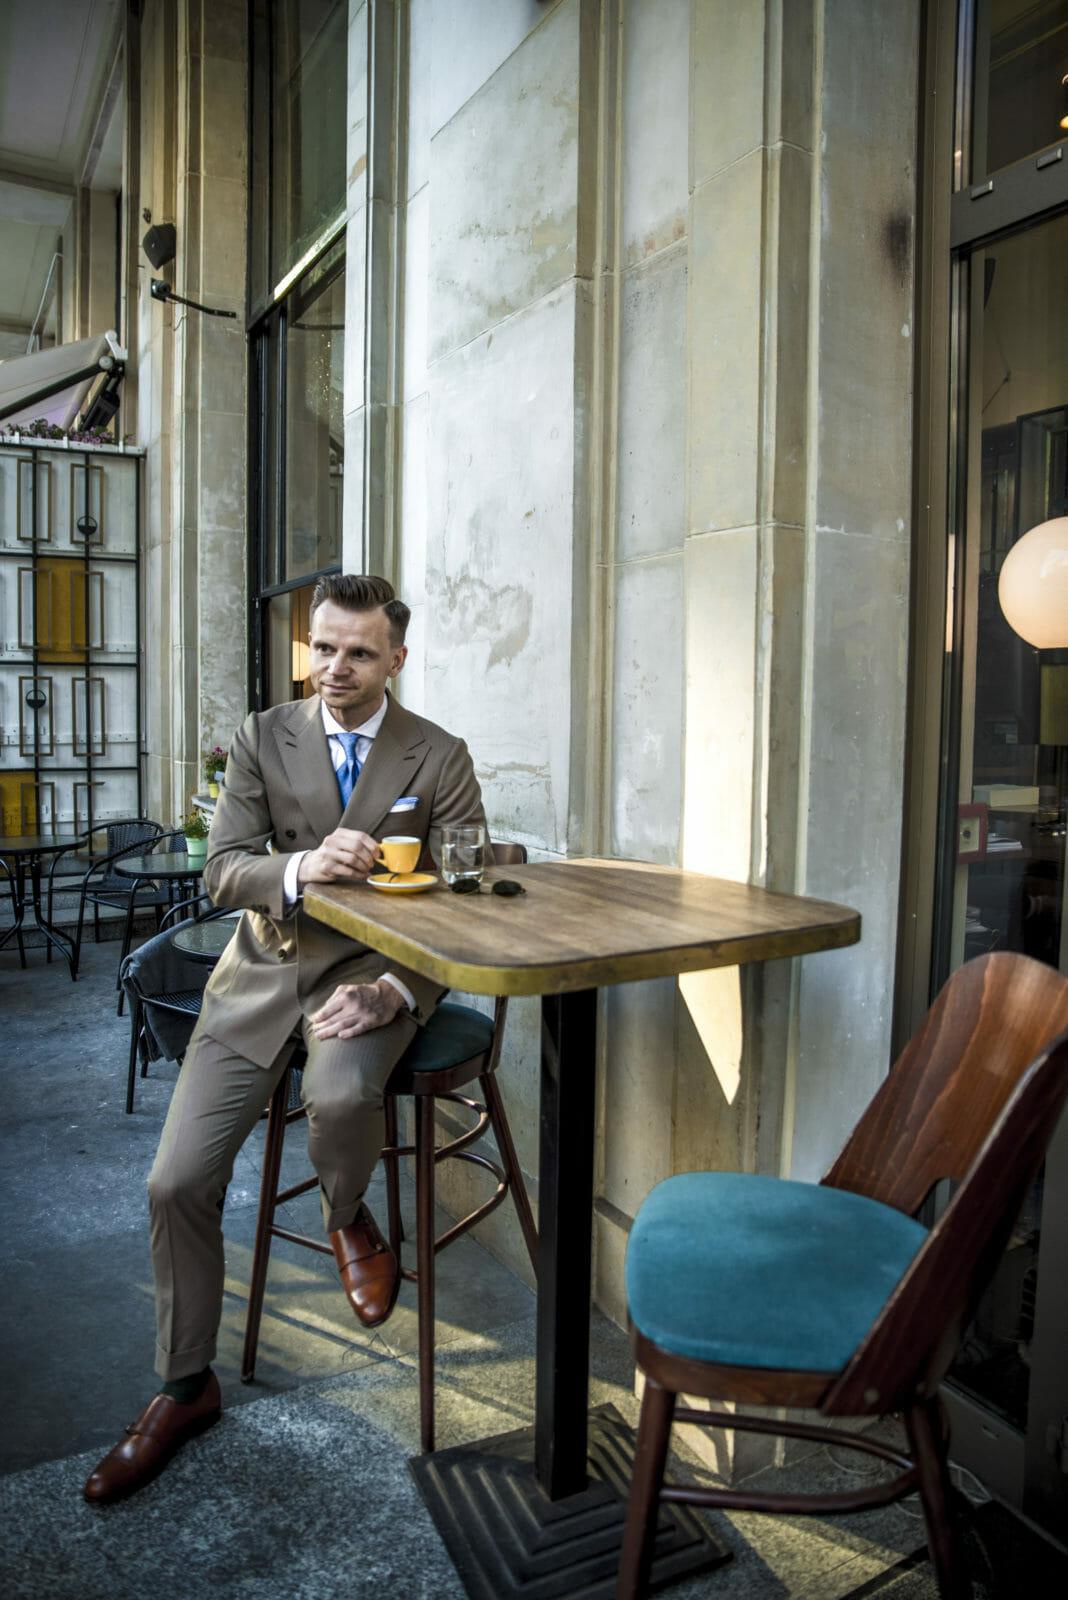 brązowy garnitur z niebieskim krawatem